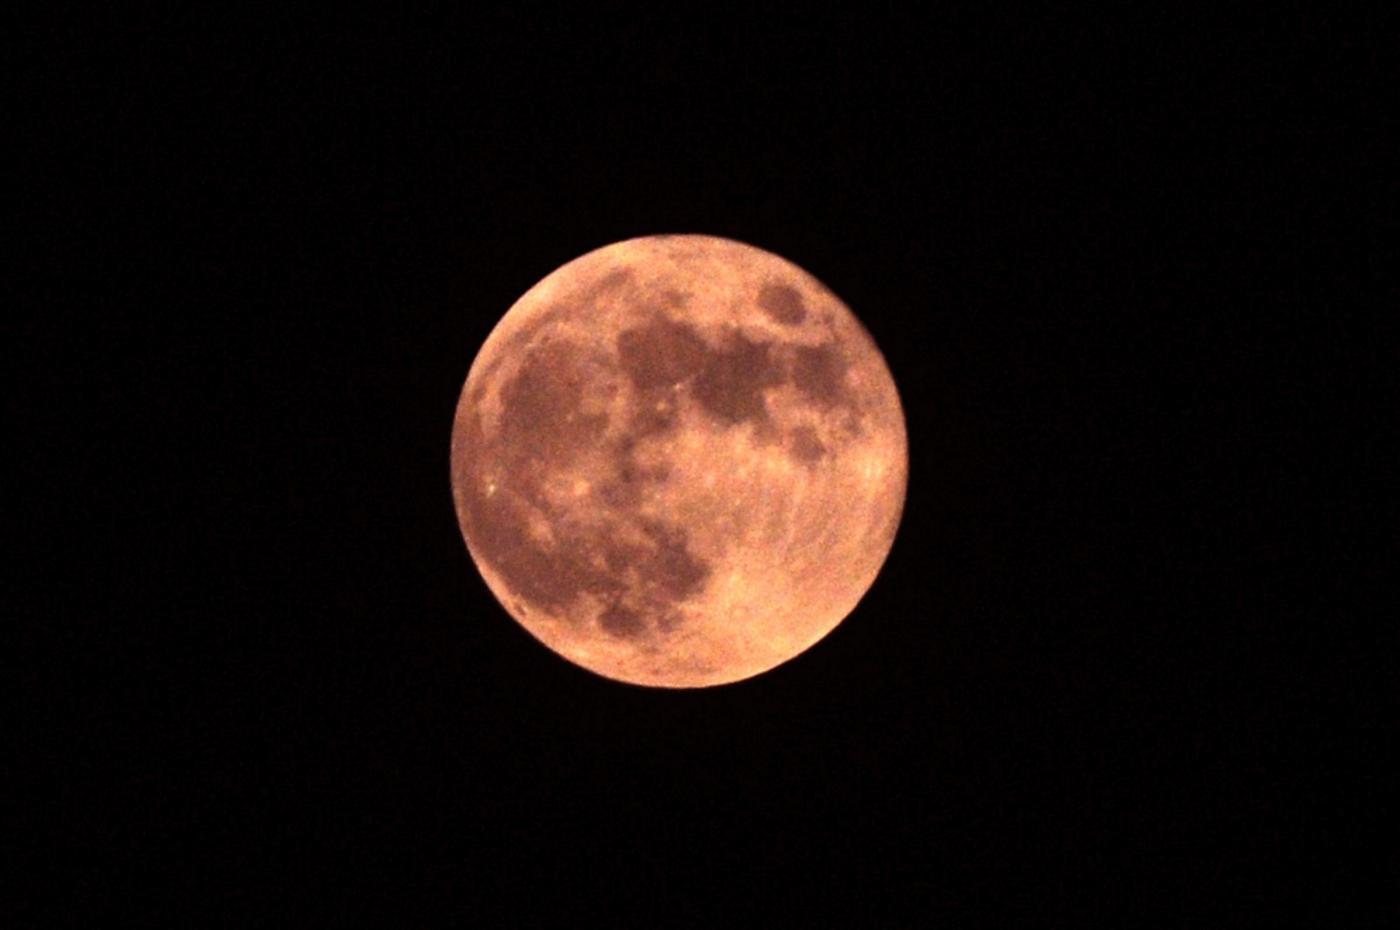 Luna rosa, rossa o bianca: ecco perché cambia nel corso dell'anno